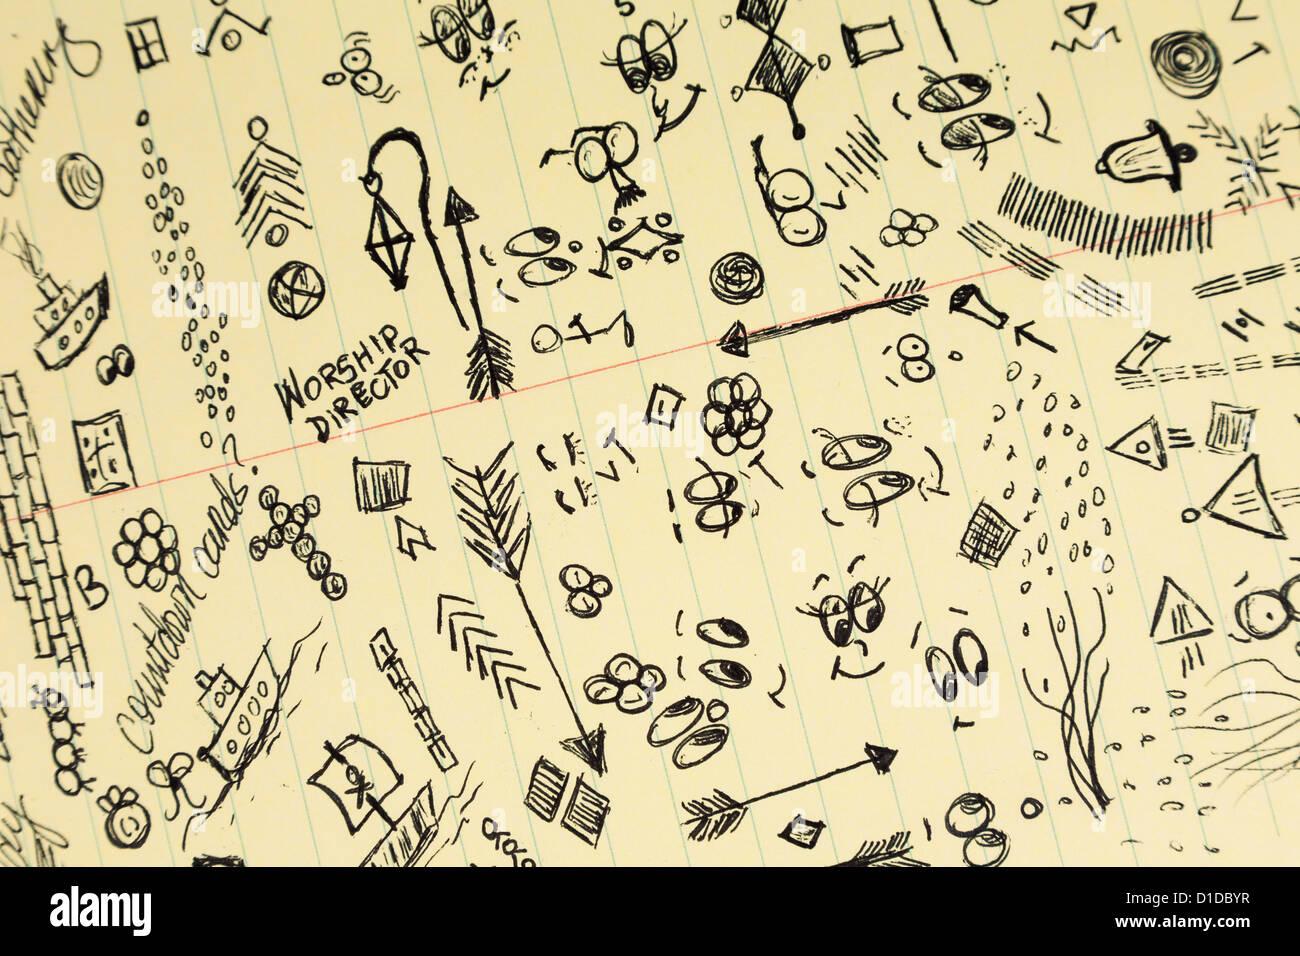 Kritzeleien und Notizen auf Papier Steno-pad Stockfoto